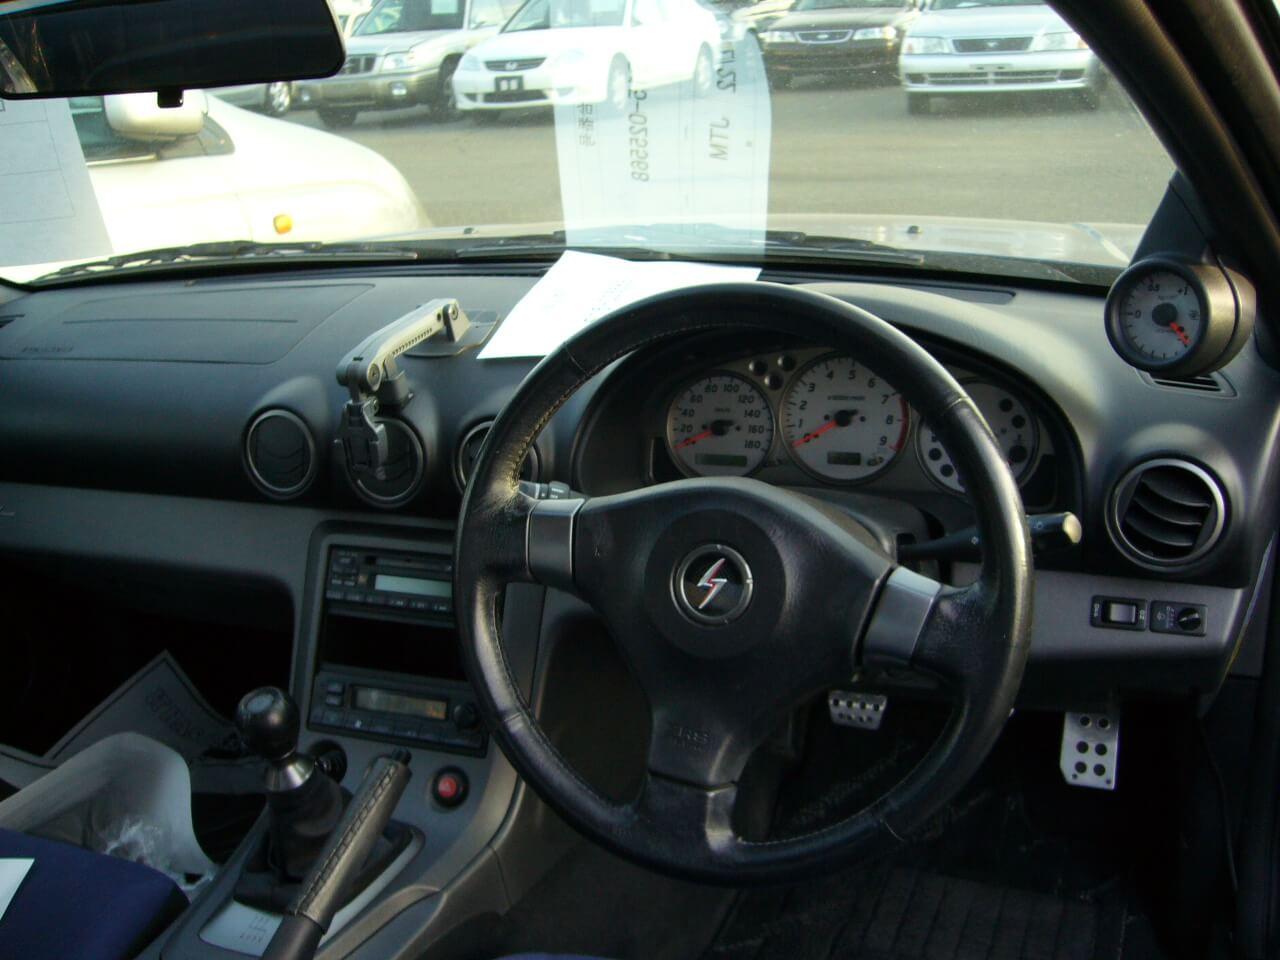 Nissan Silvia S15 Spec-R Blau Innenraum Jp-Importcars